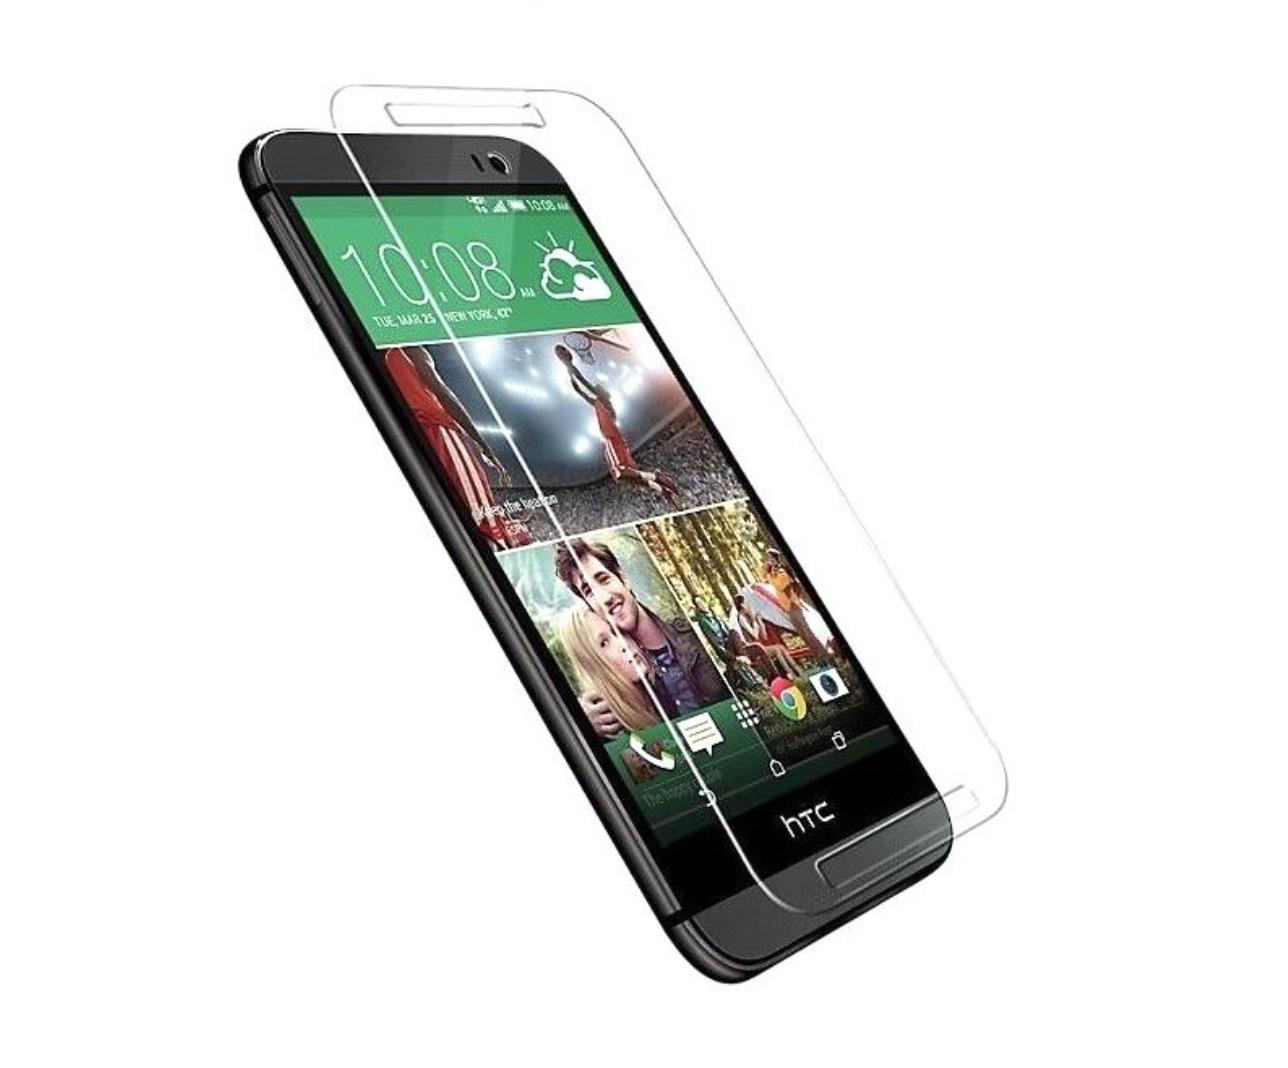 Ochranné tvrzené temperované sklo na displej pro HTC Desire 510 (Tvrzenné ochranné sklo HTC Desire 510)